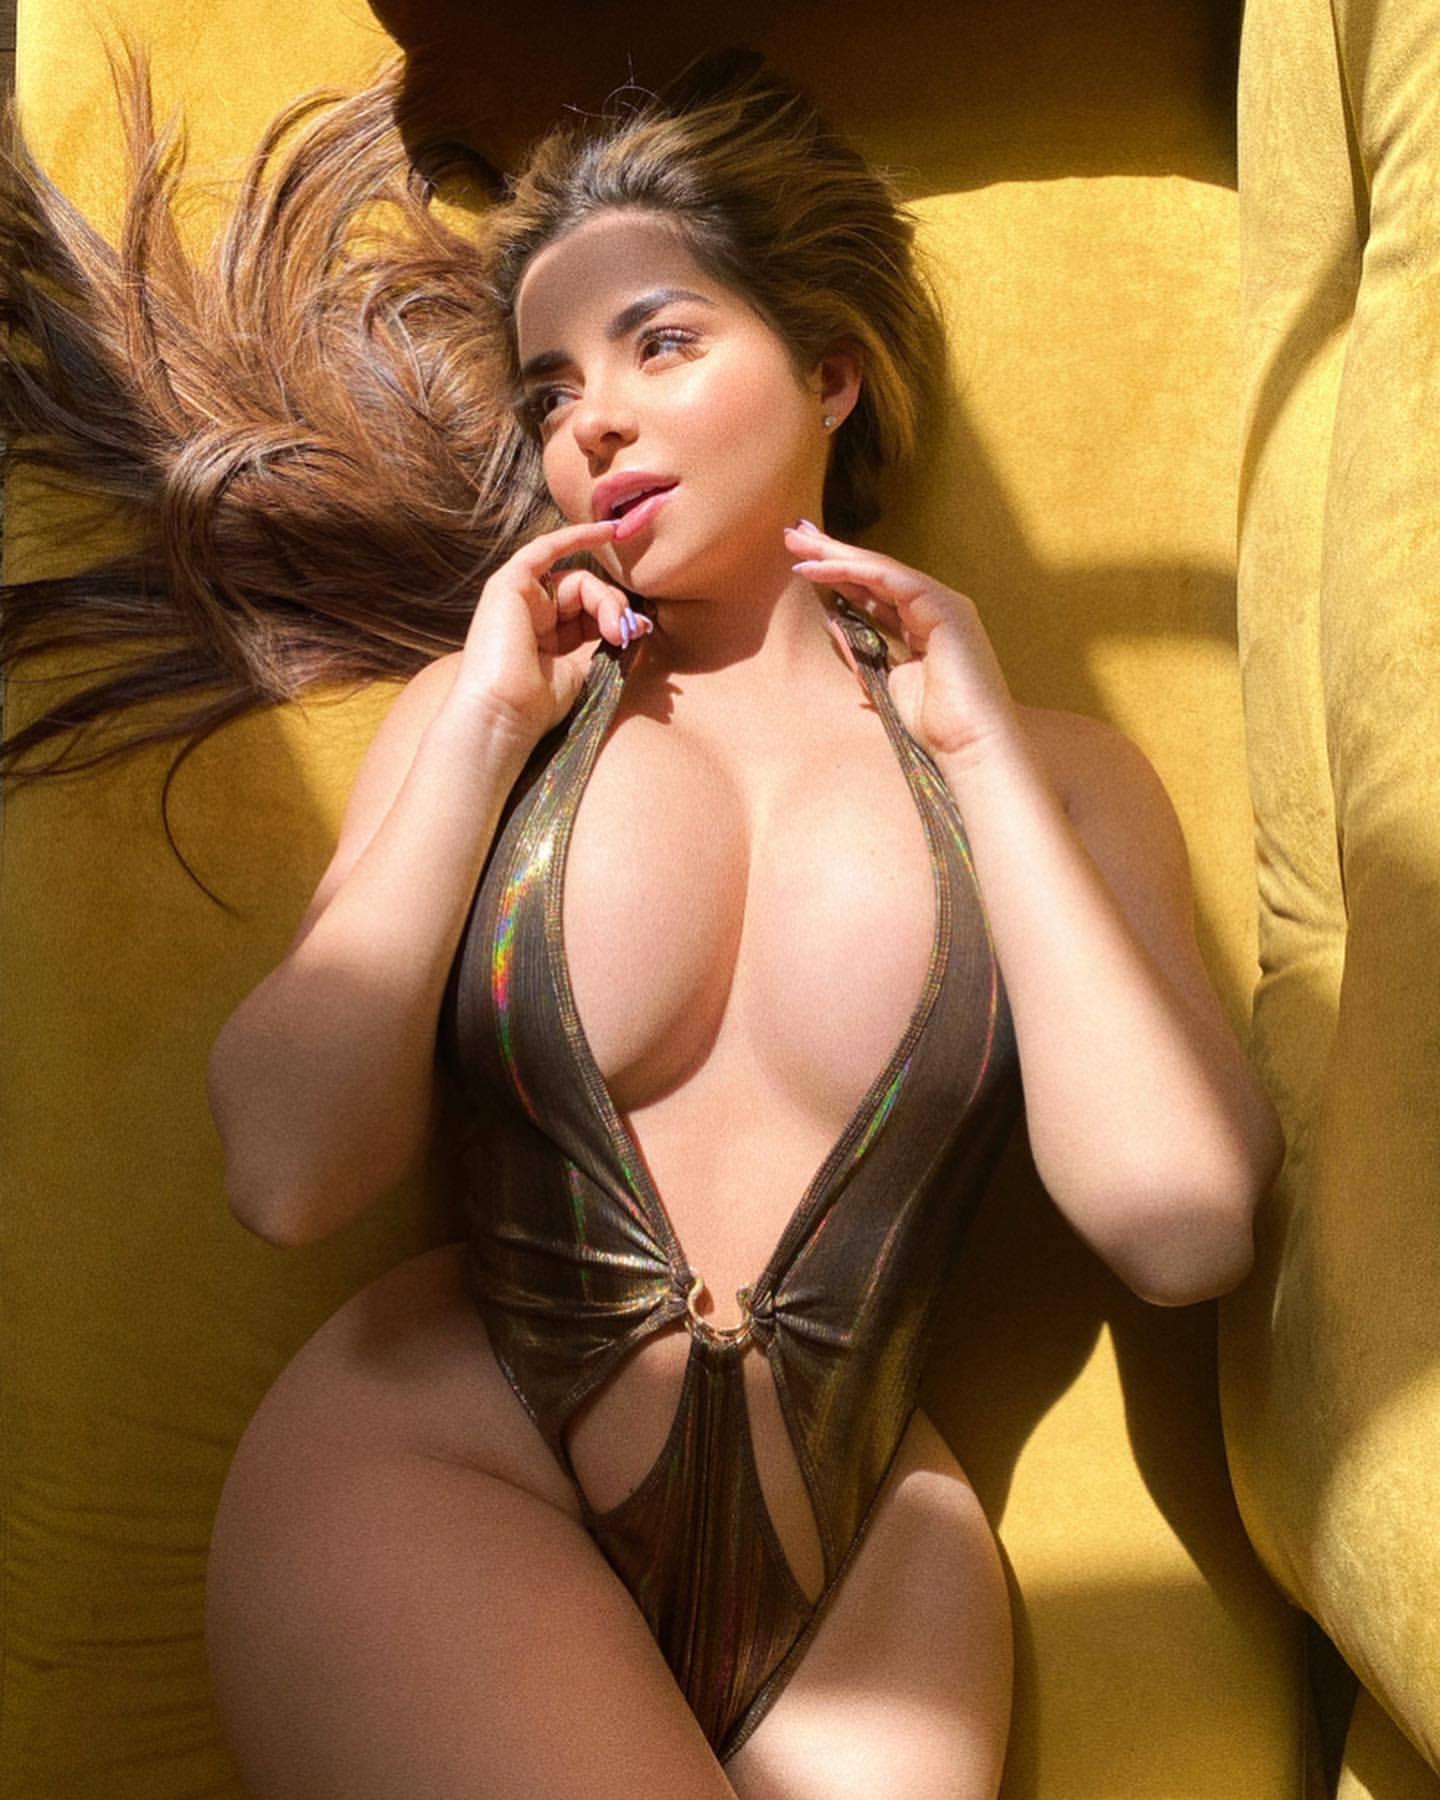 Demi Rose Mawby Fantastic Curvy Body